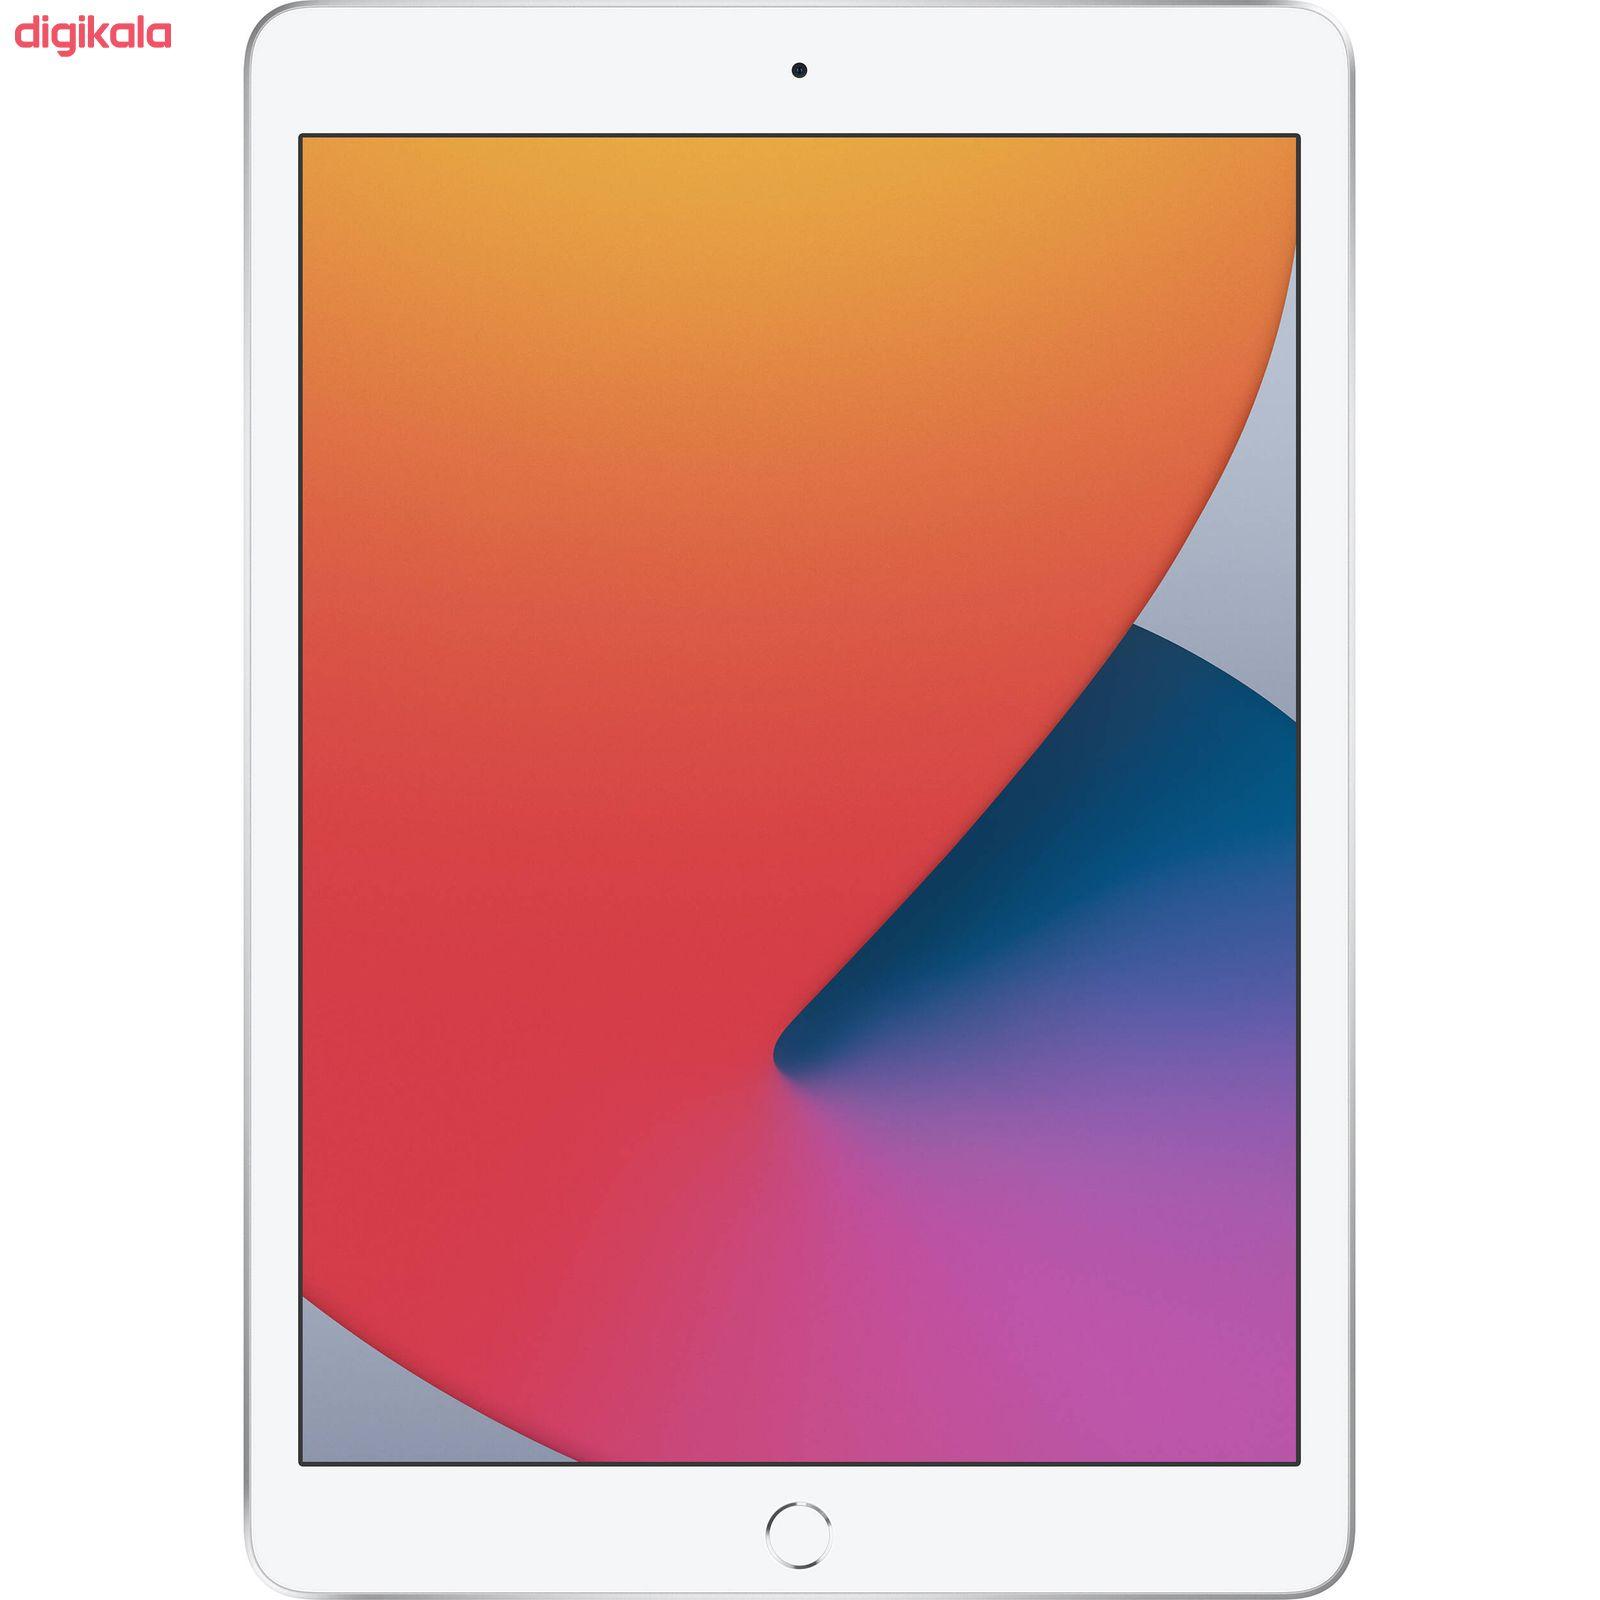 تبلت اپل مدل iPad 10.2 inch 2020 WiFi ظرفیت 32 گیگابایت  main 1 6